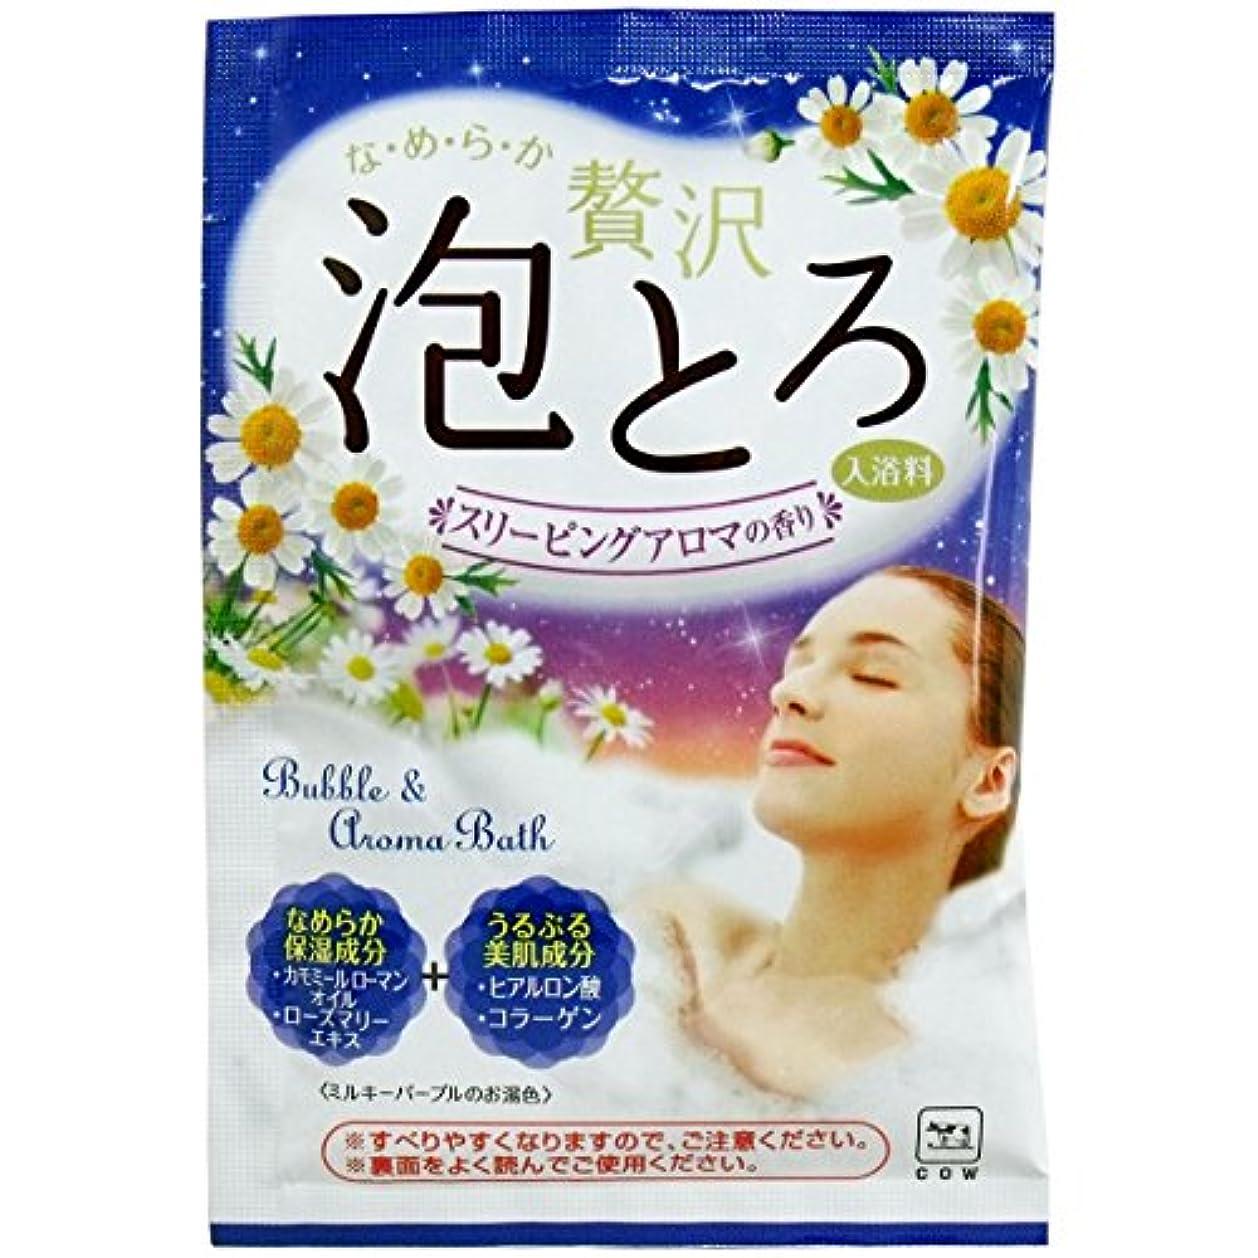 怠感増強するフォルダ贅沢泡とろ 入浴料 スリーピングアロマの香り 30g 【4点セット】